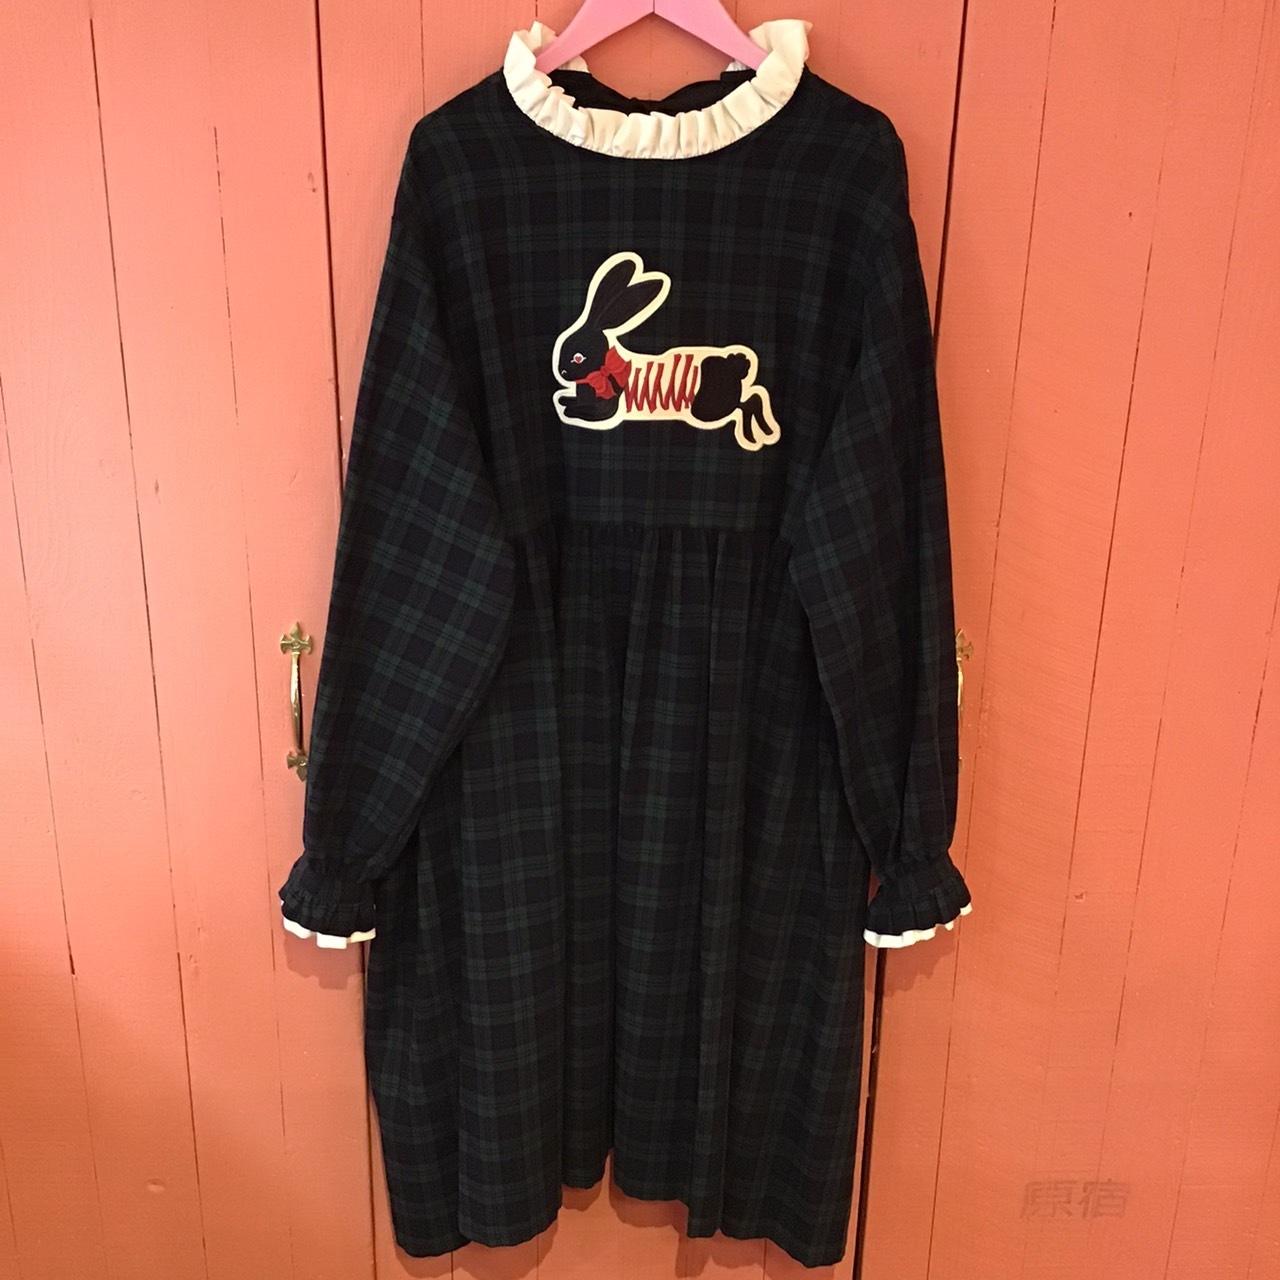 刺繍ワンピース(黒うさぎ/緑チェック/長袖)